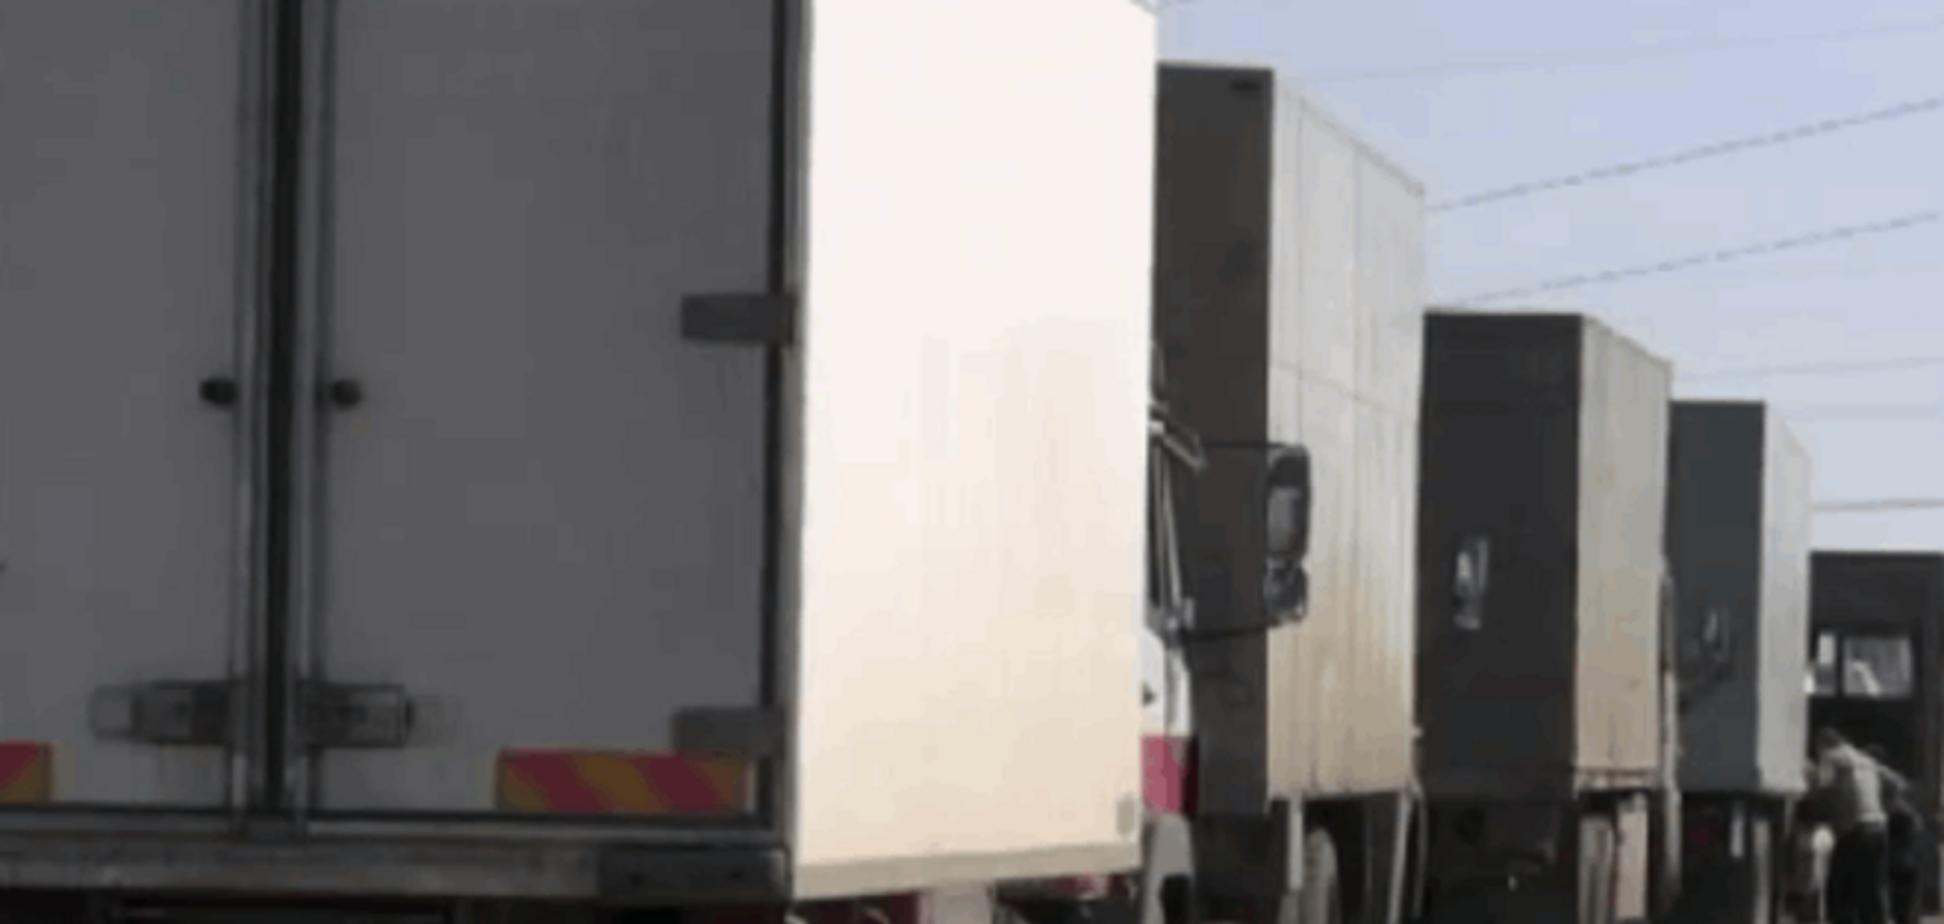 'Все кушать хотят': на Луганщине задержали 15 фур с контрабандными продуктами - видео